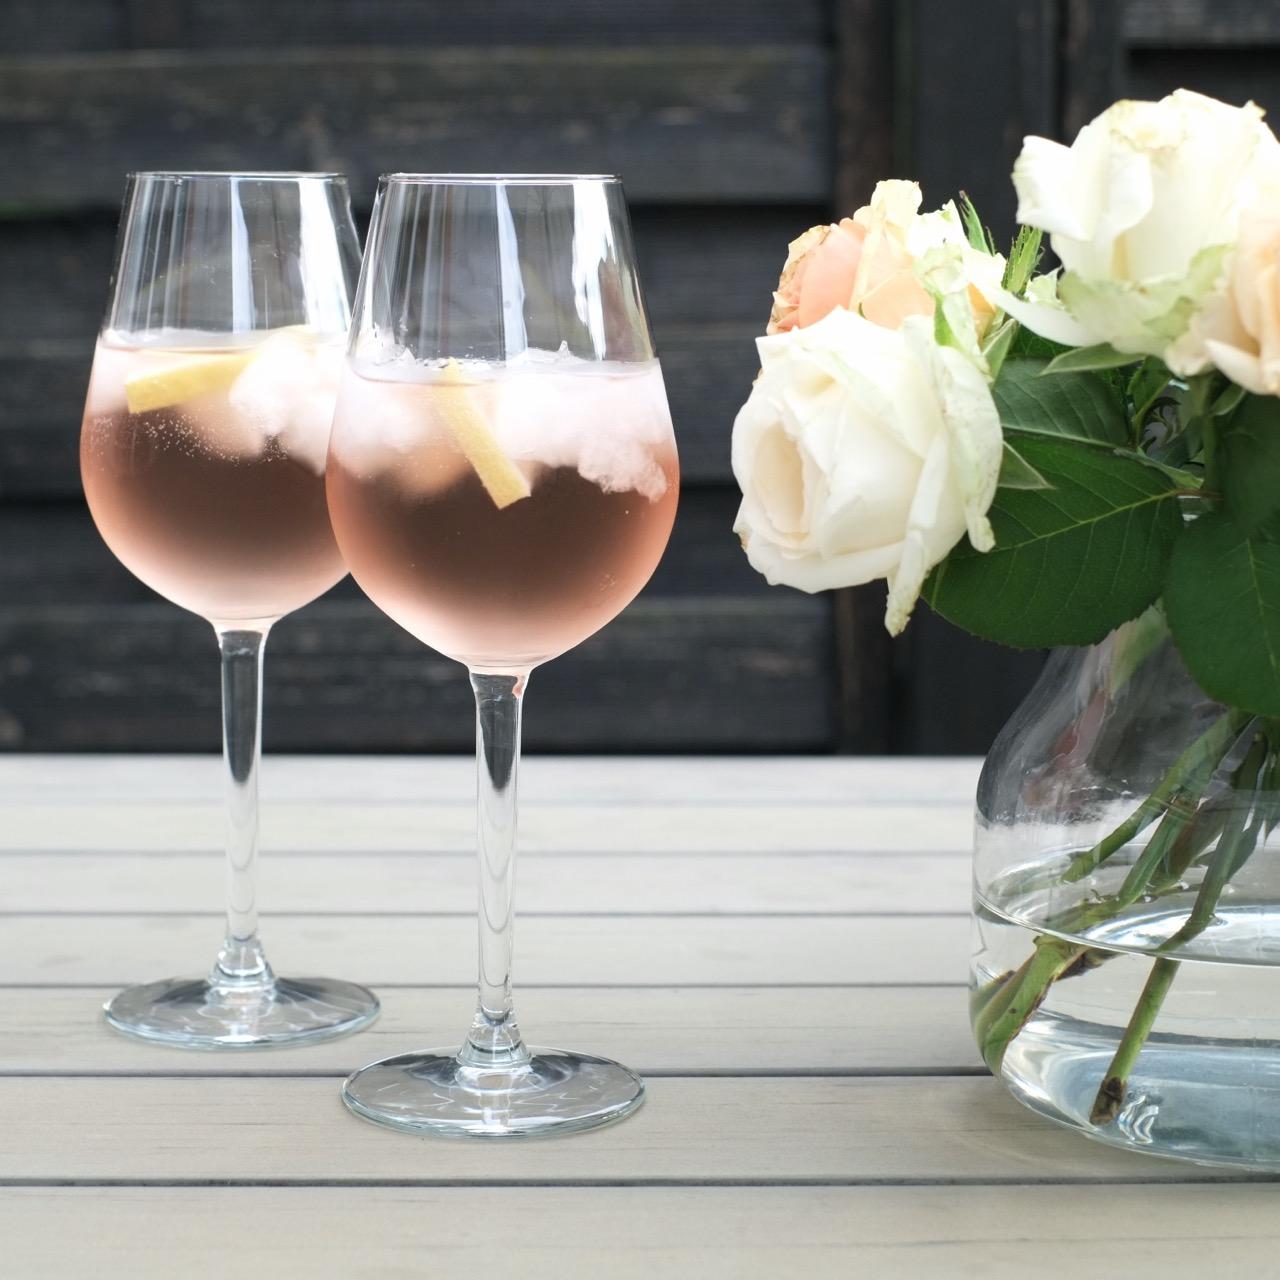 sommerwein-herrundfraukrauss